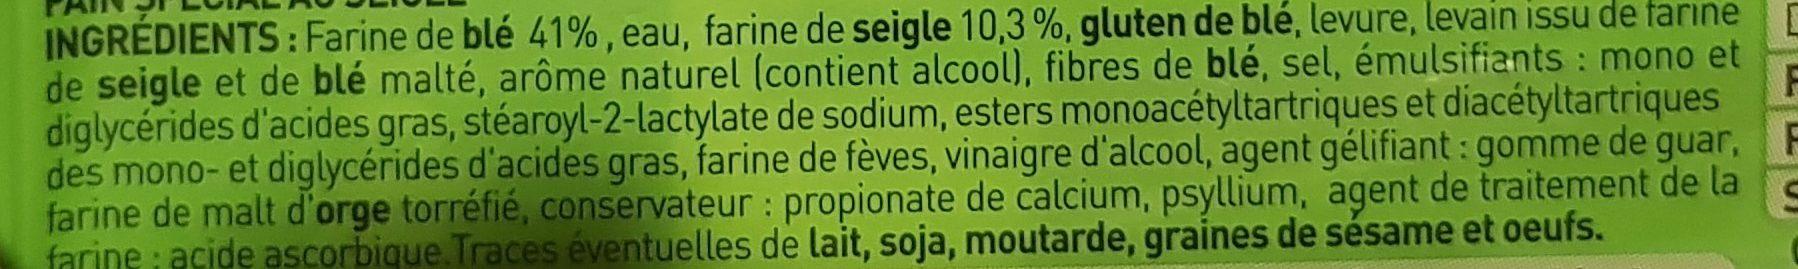 Pain Spécial au Seigle - Ingrédients - fr